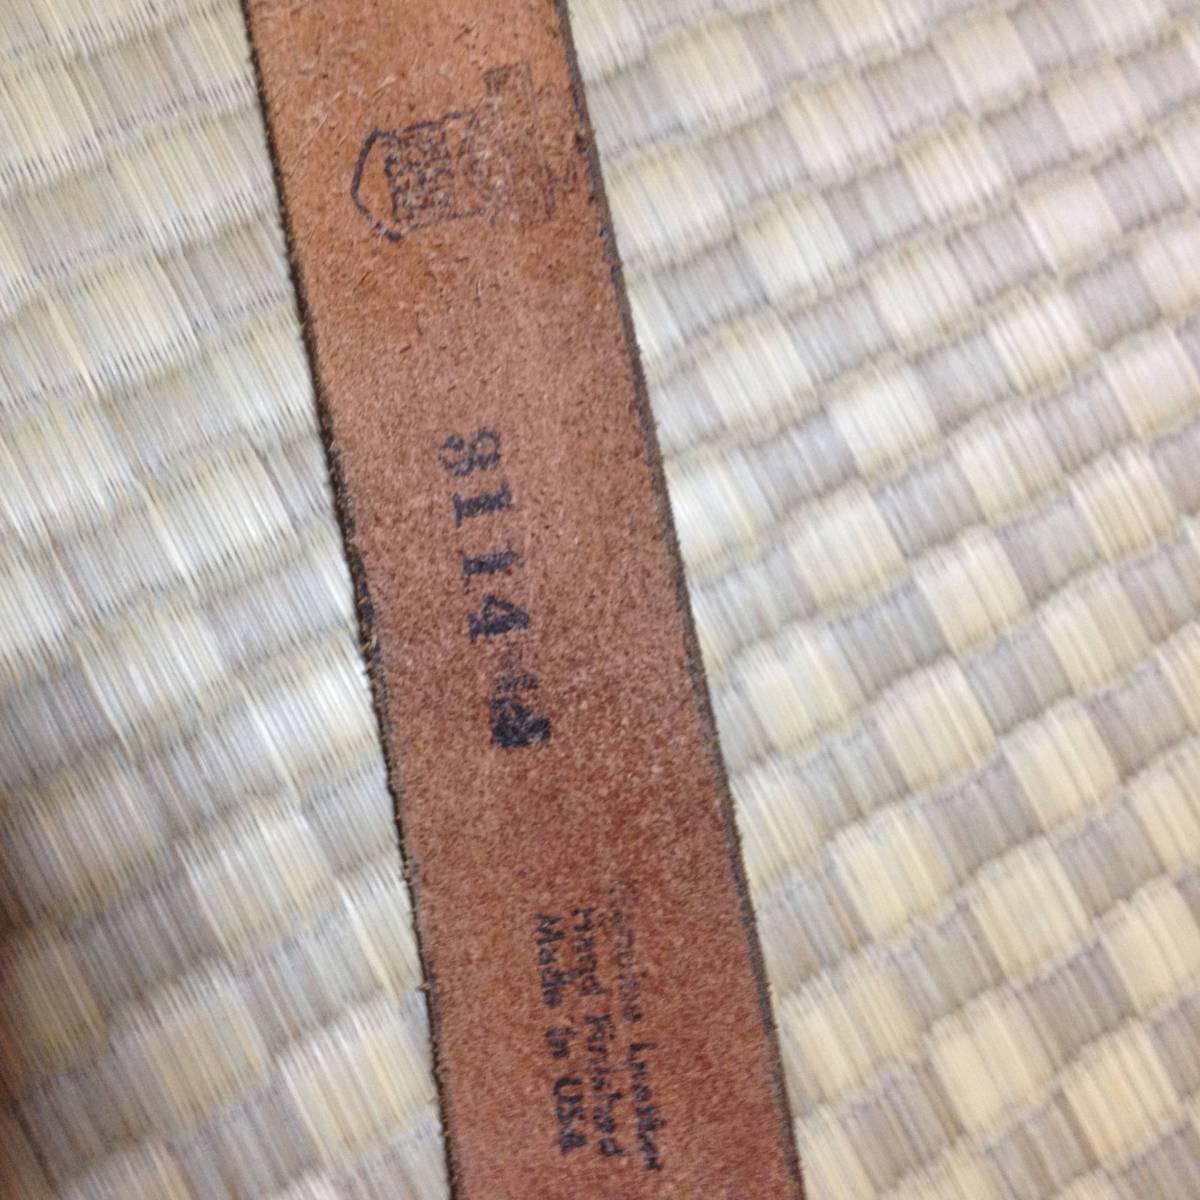 ハーレーダビッドソン ヴィンテージ ベルト made in USA_画像6